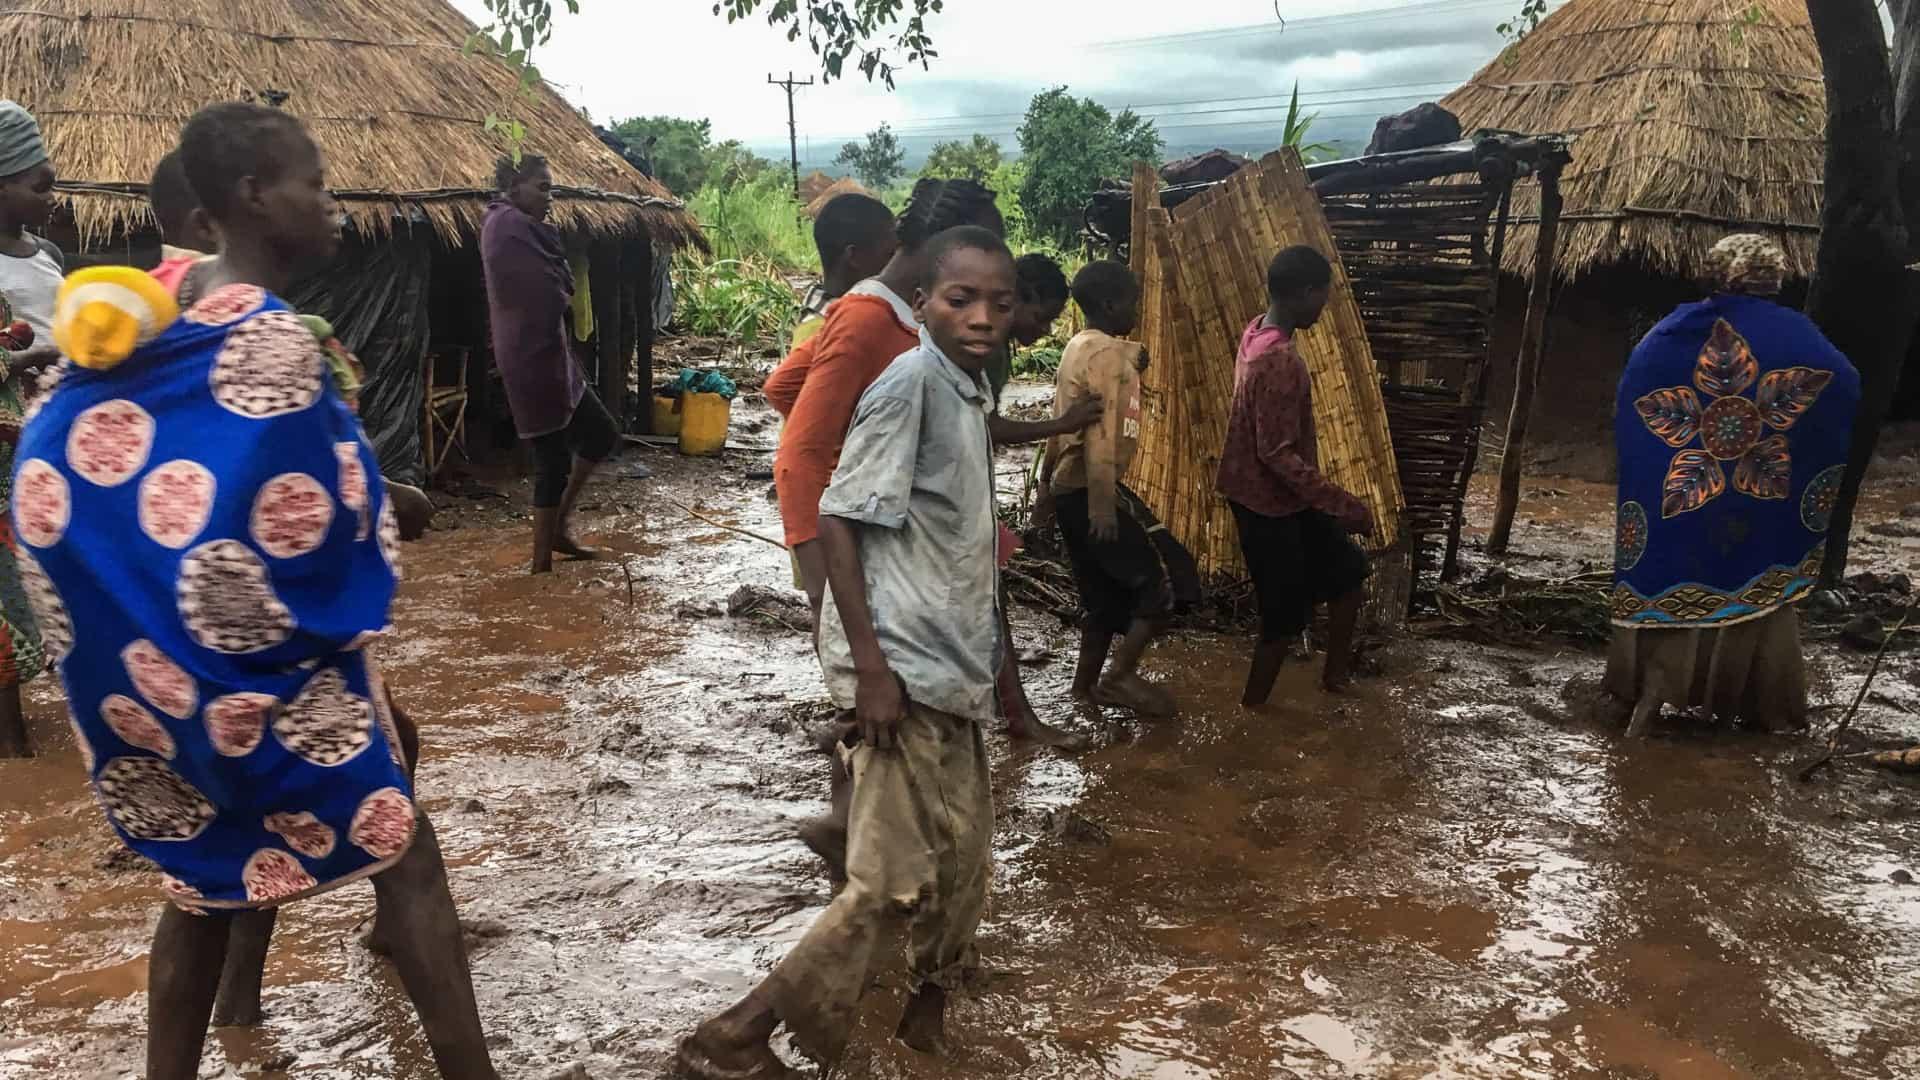 Brasileira em Moçambique: 'Pessoas andam pelas ruas buscando comida'